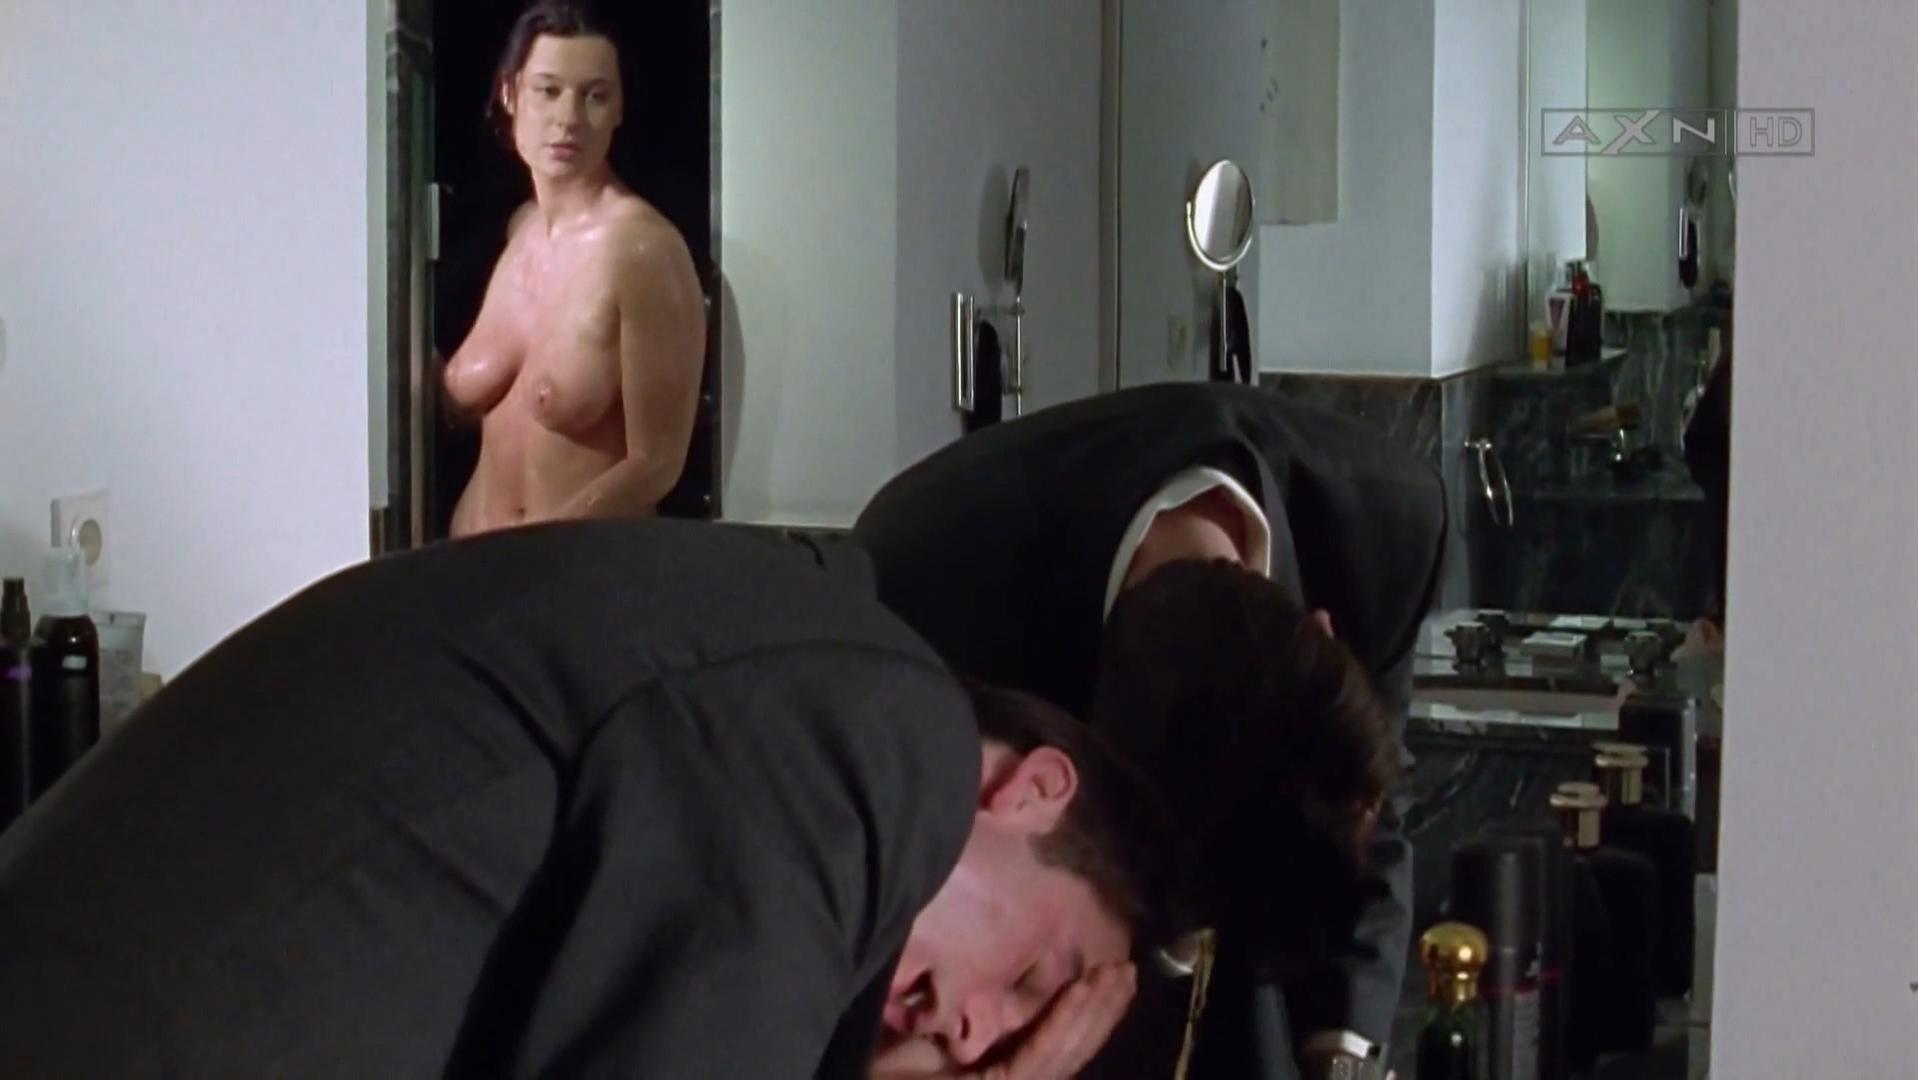 Katrin Reisinger nude - Kommissar Rex s02e14 (1996)